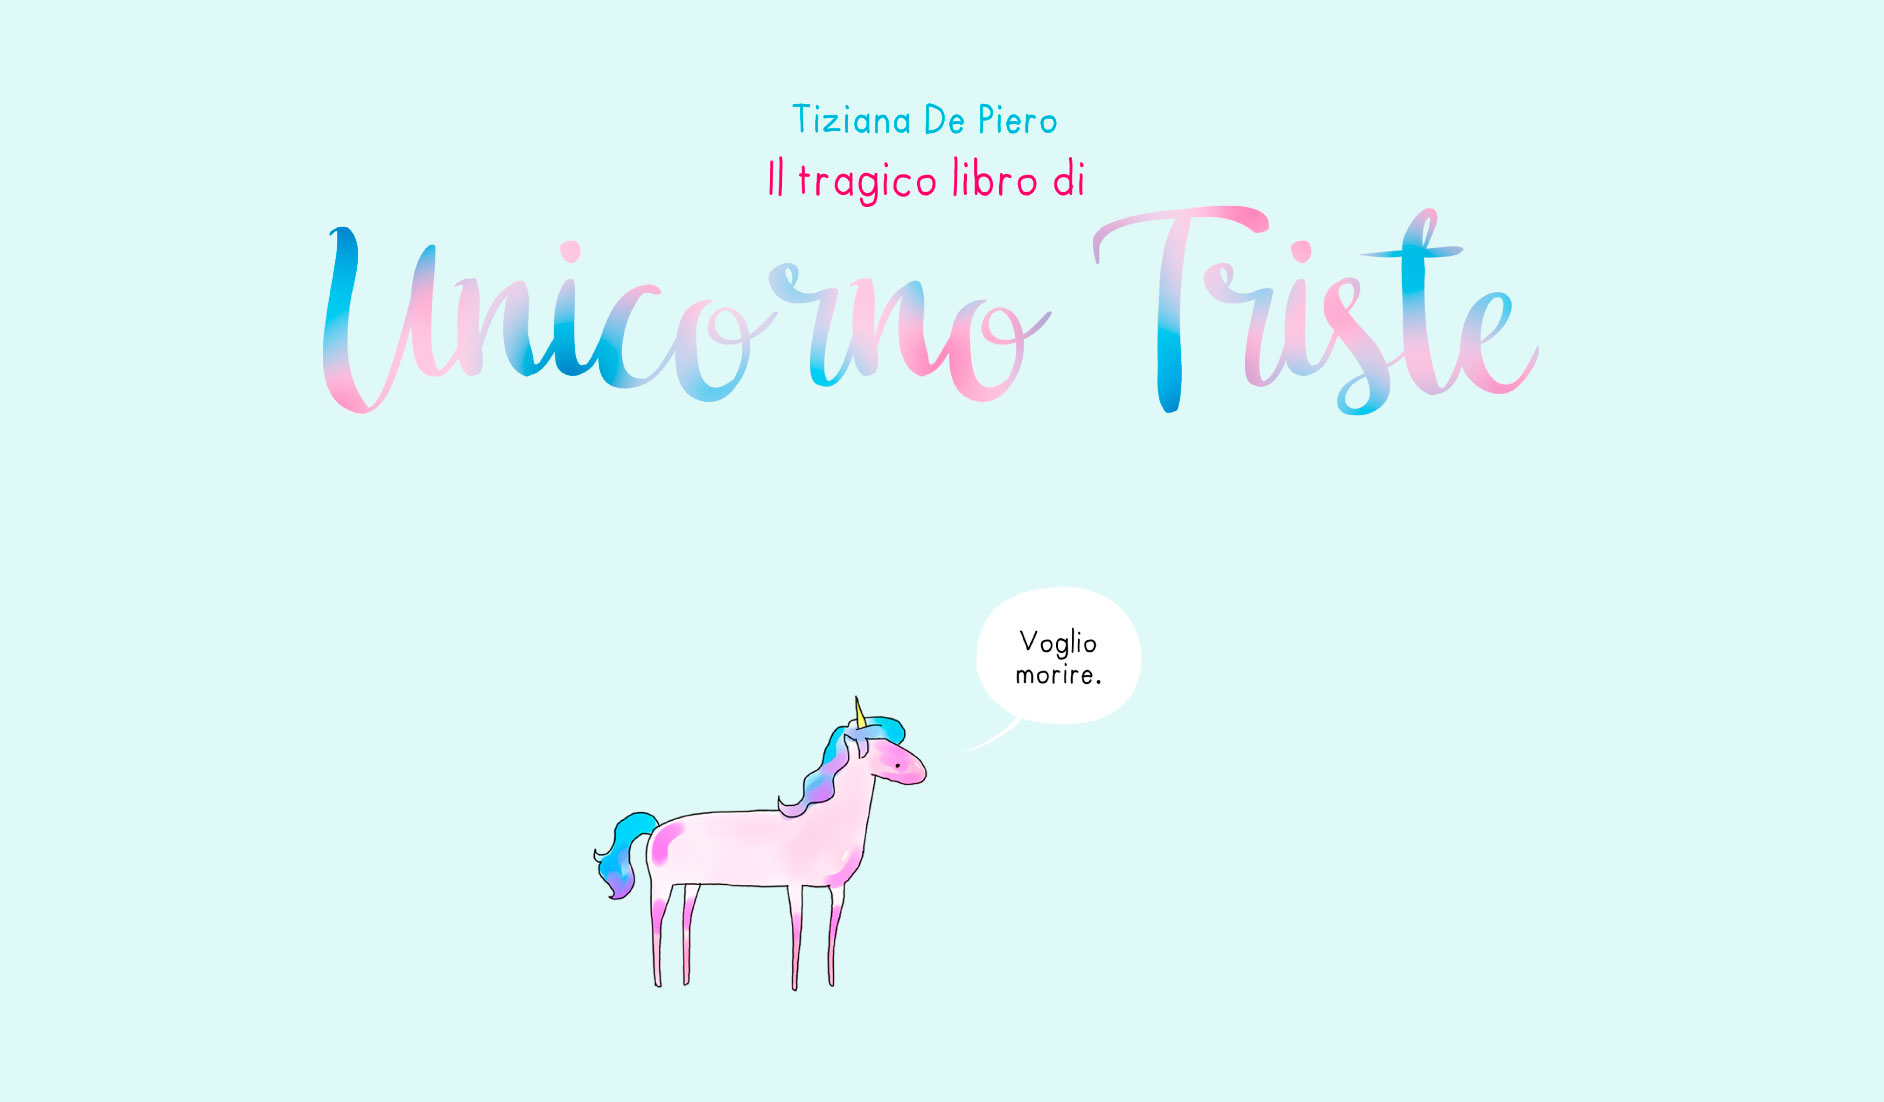 Prossime uscite fame associazione culturale cerca for Unicorno triste